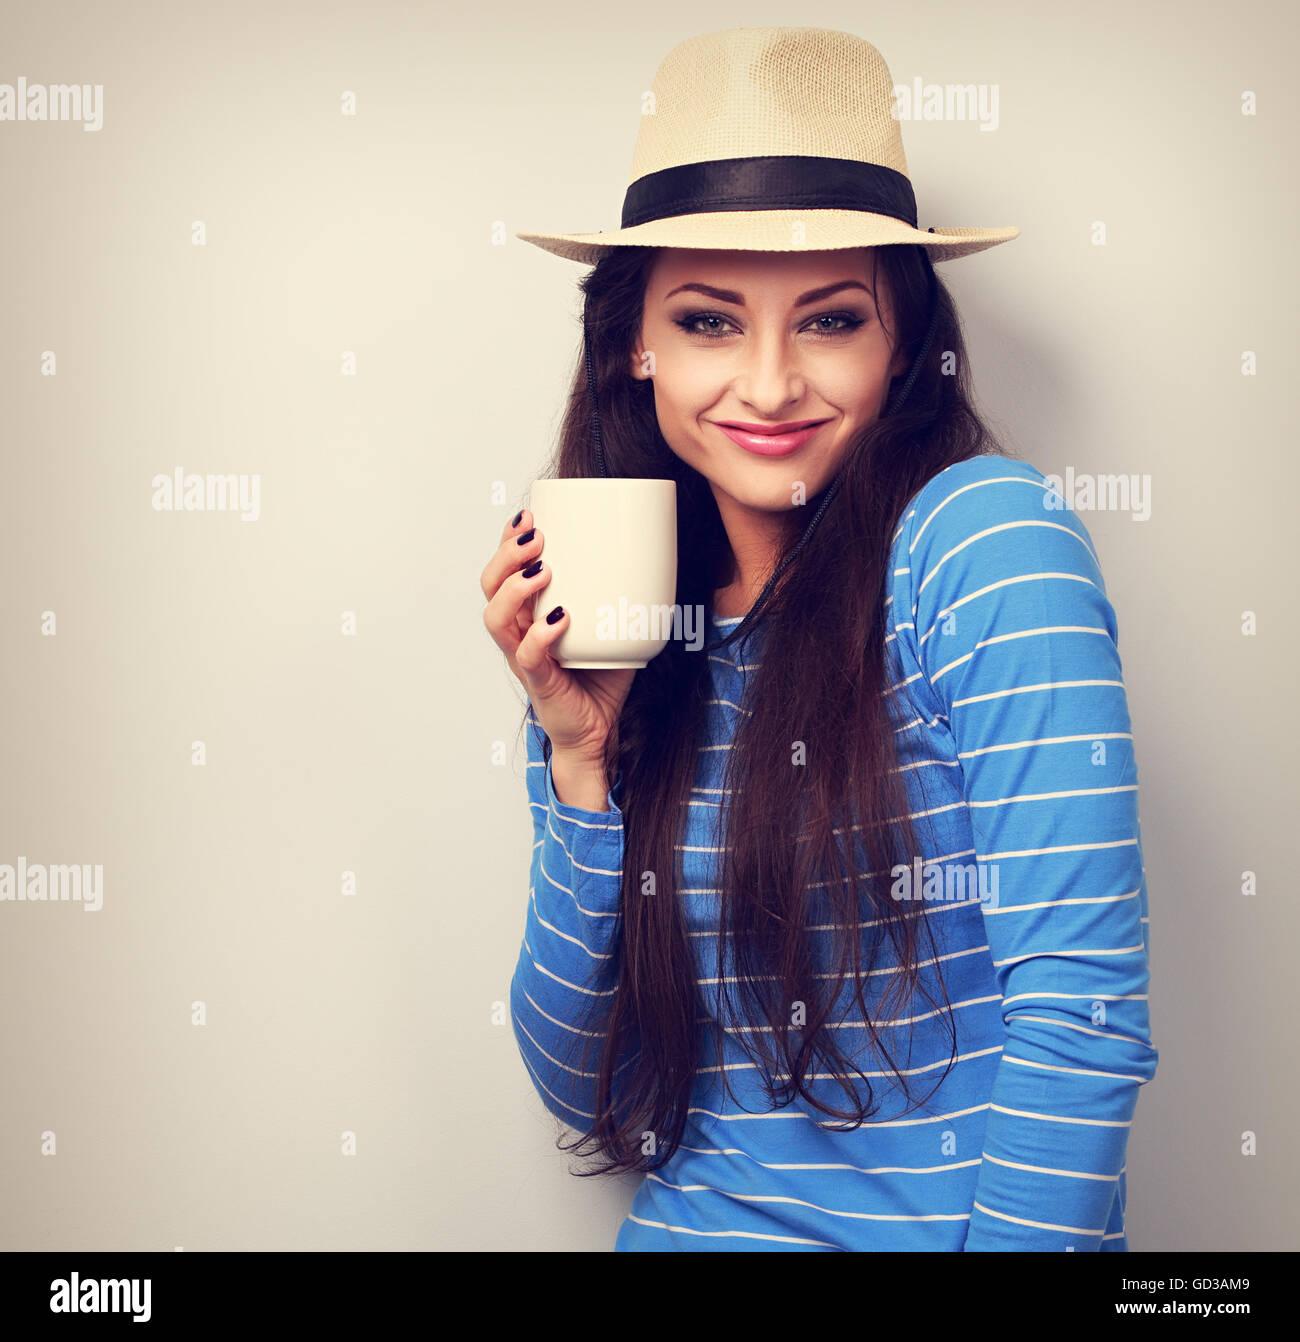 Lindo feliz mujer casual en el sombrero de paja sosteniendo en la mano una taza de té y sonriendo sobre fondo azul. Foto de stock